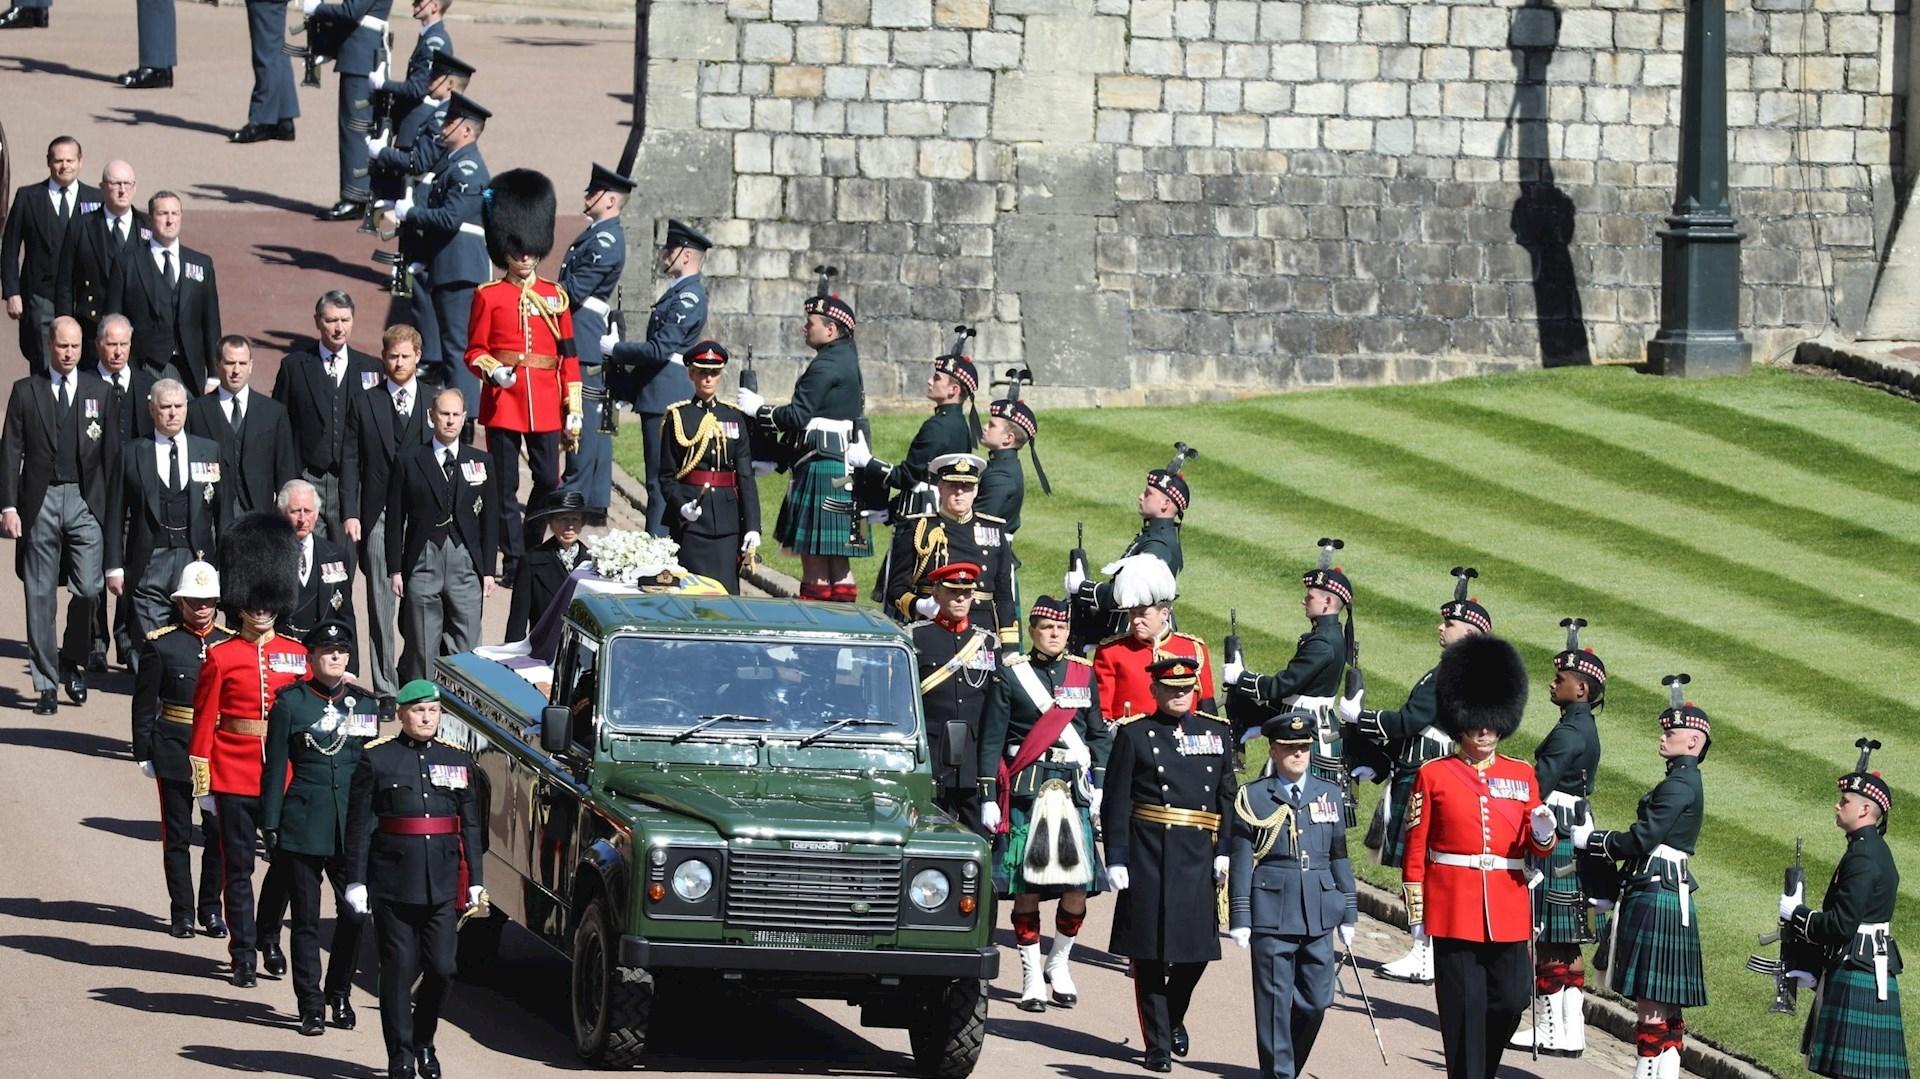 Los asistentes en el funeral del Príncipe Felipe, Duque de Edimburgo. Foto de EFE/ EPA/ Dave Jenkins/ MOD/CROWN.